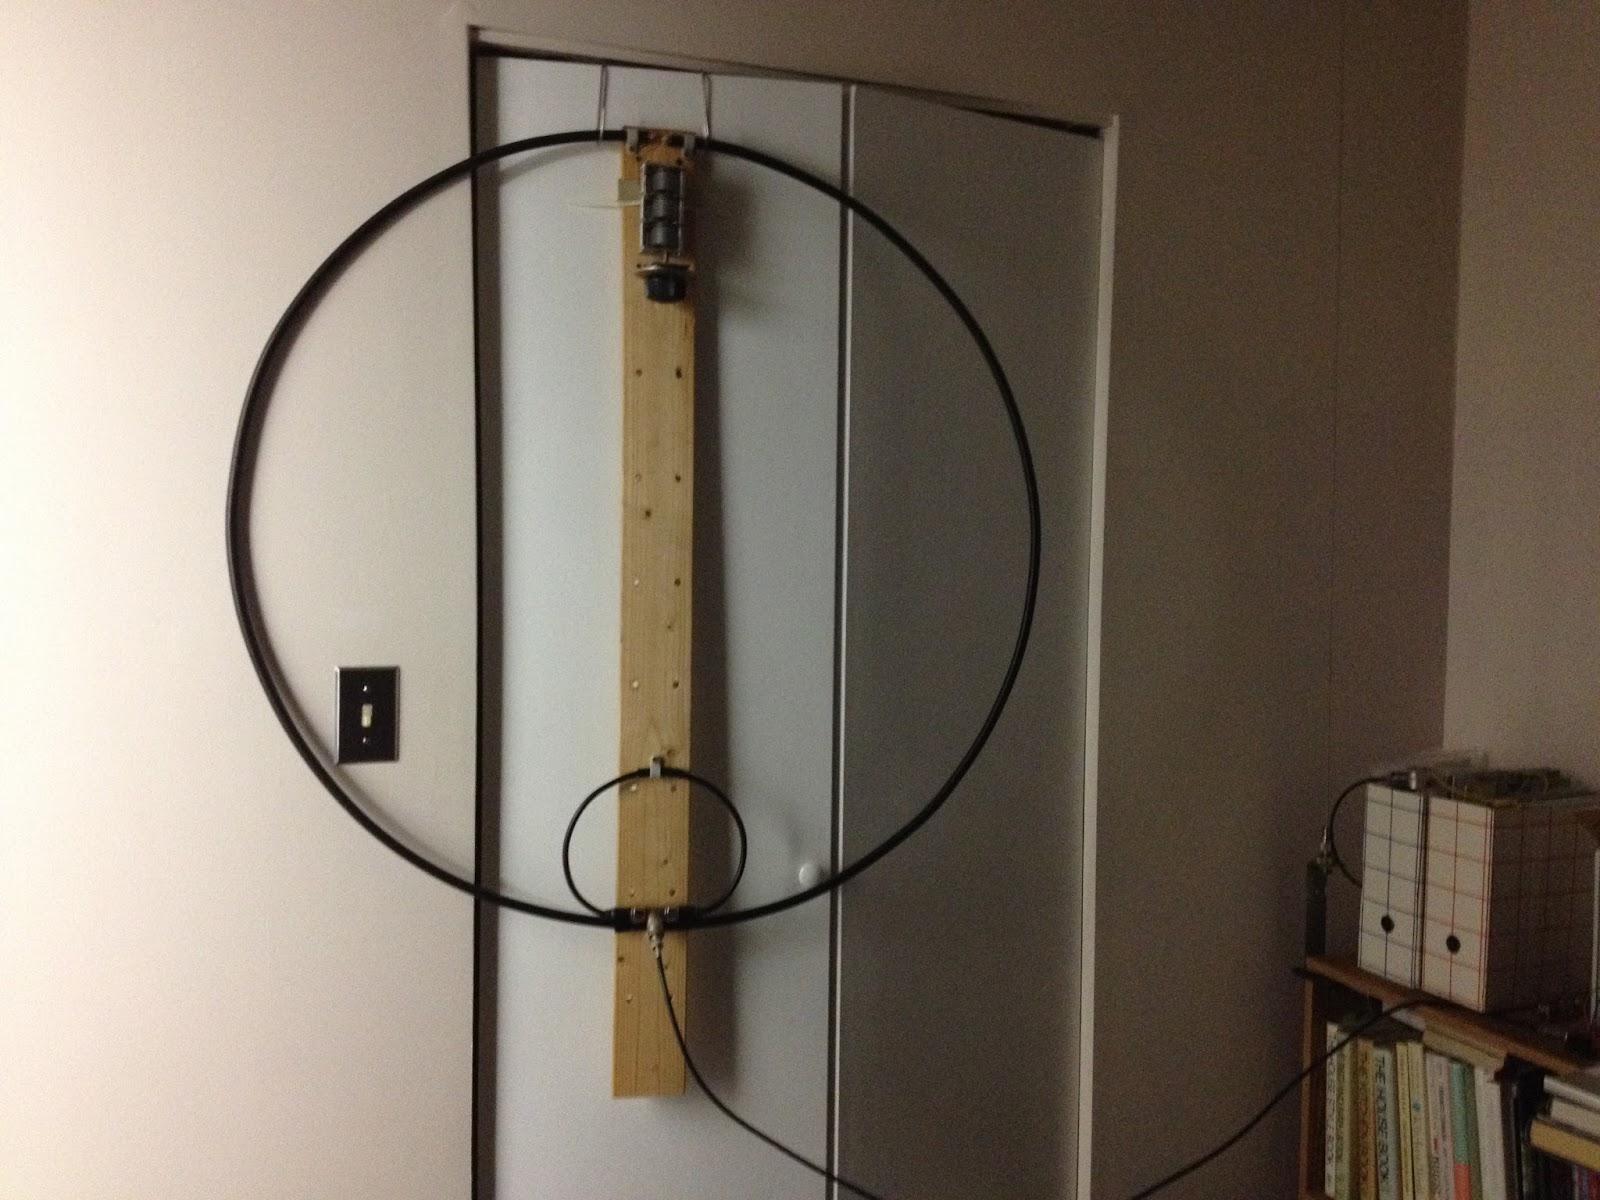 VA7LI: Magnetic loop antenna